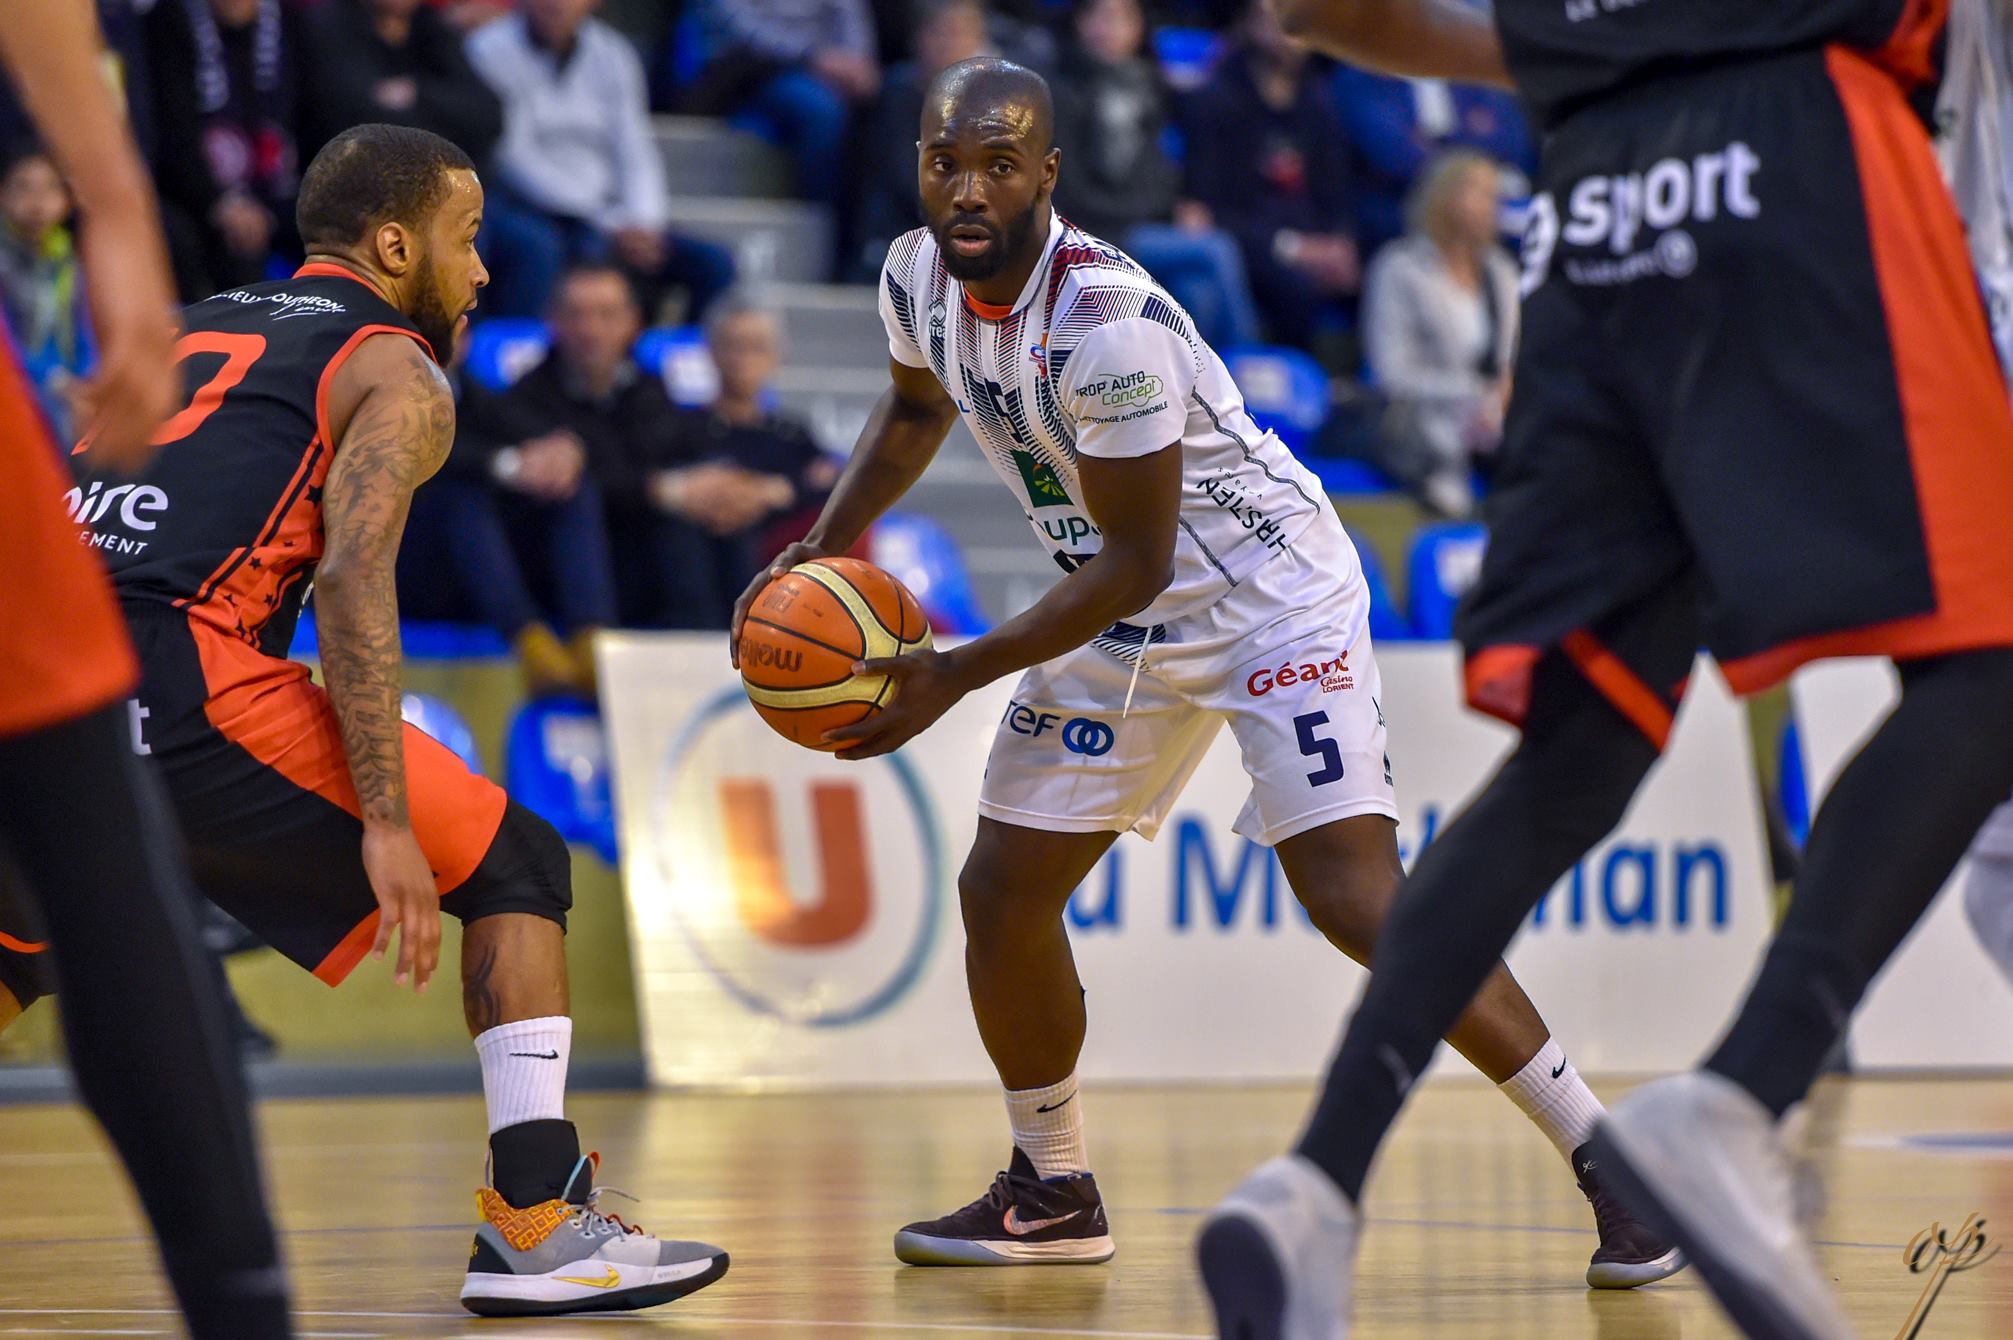 Comité du Puy de Dôme de Basket Ball - FFBB